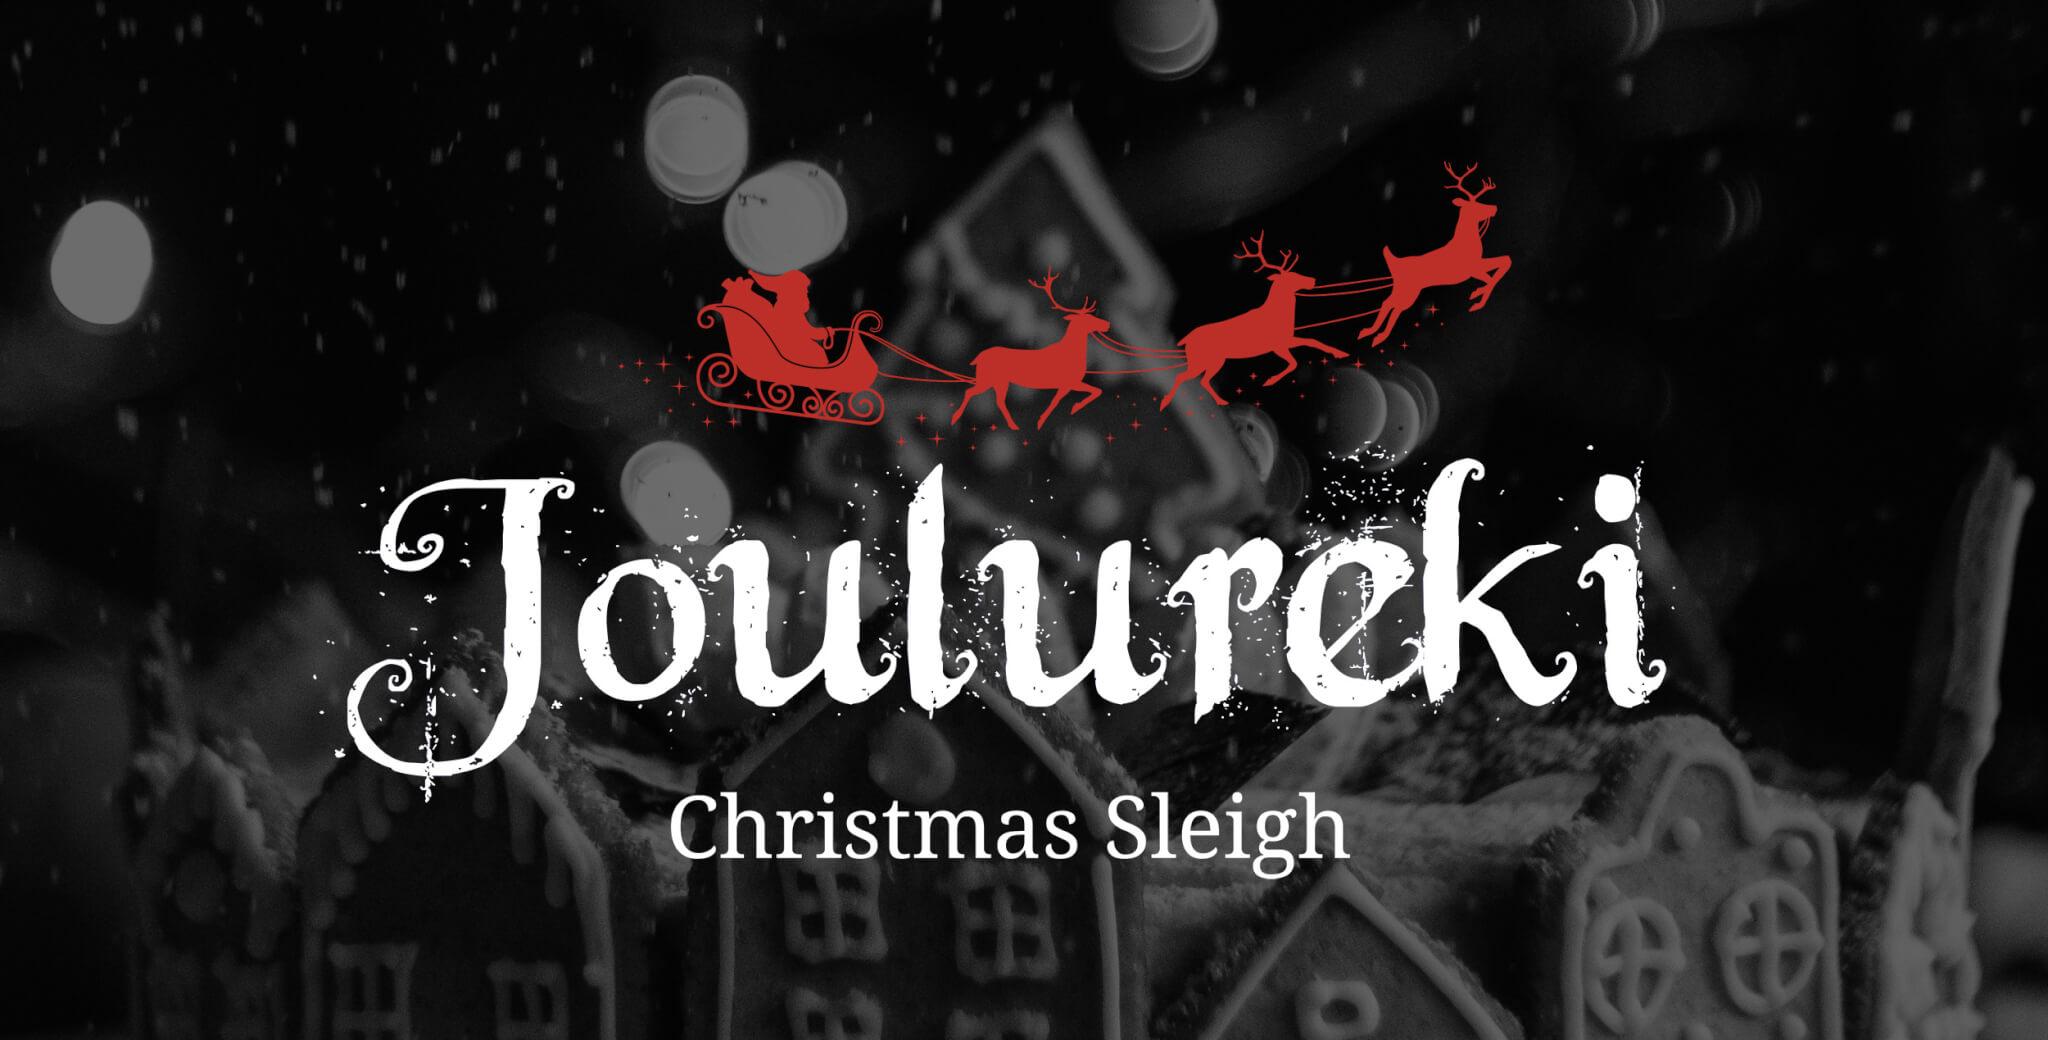 Design Inspis - joulublogi-sivuston logo